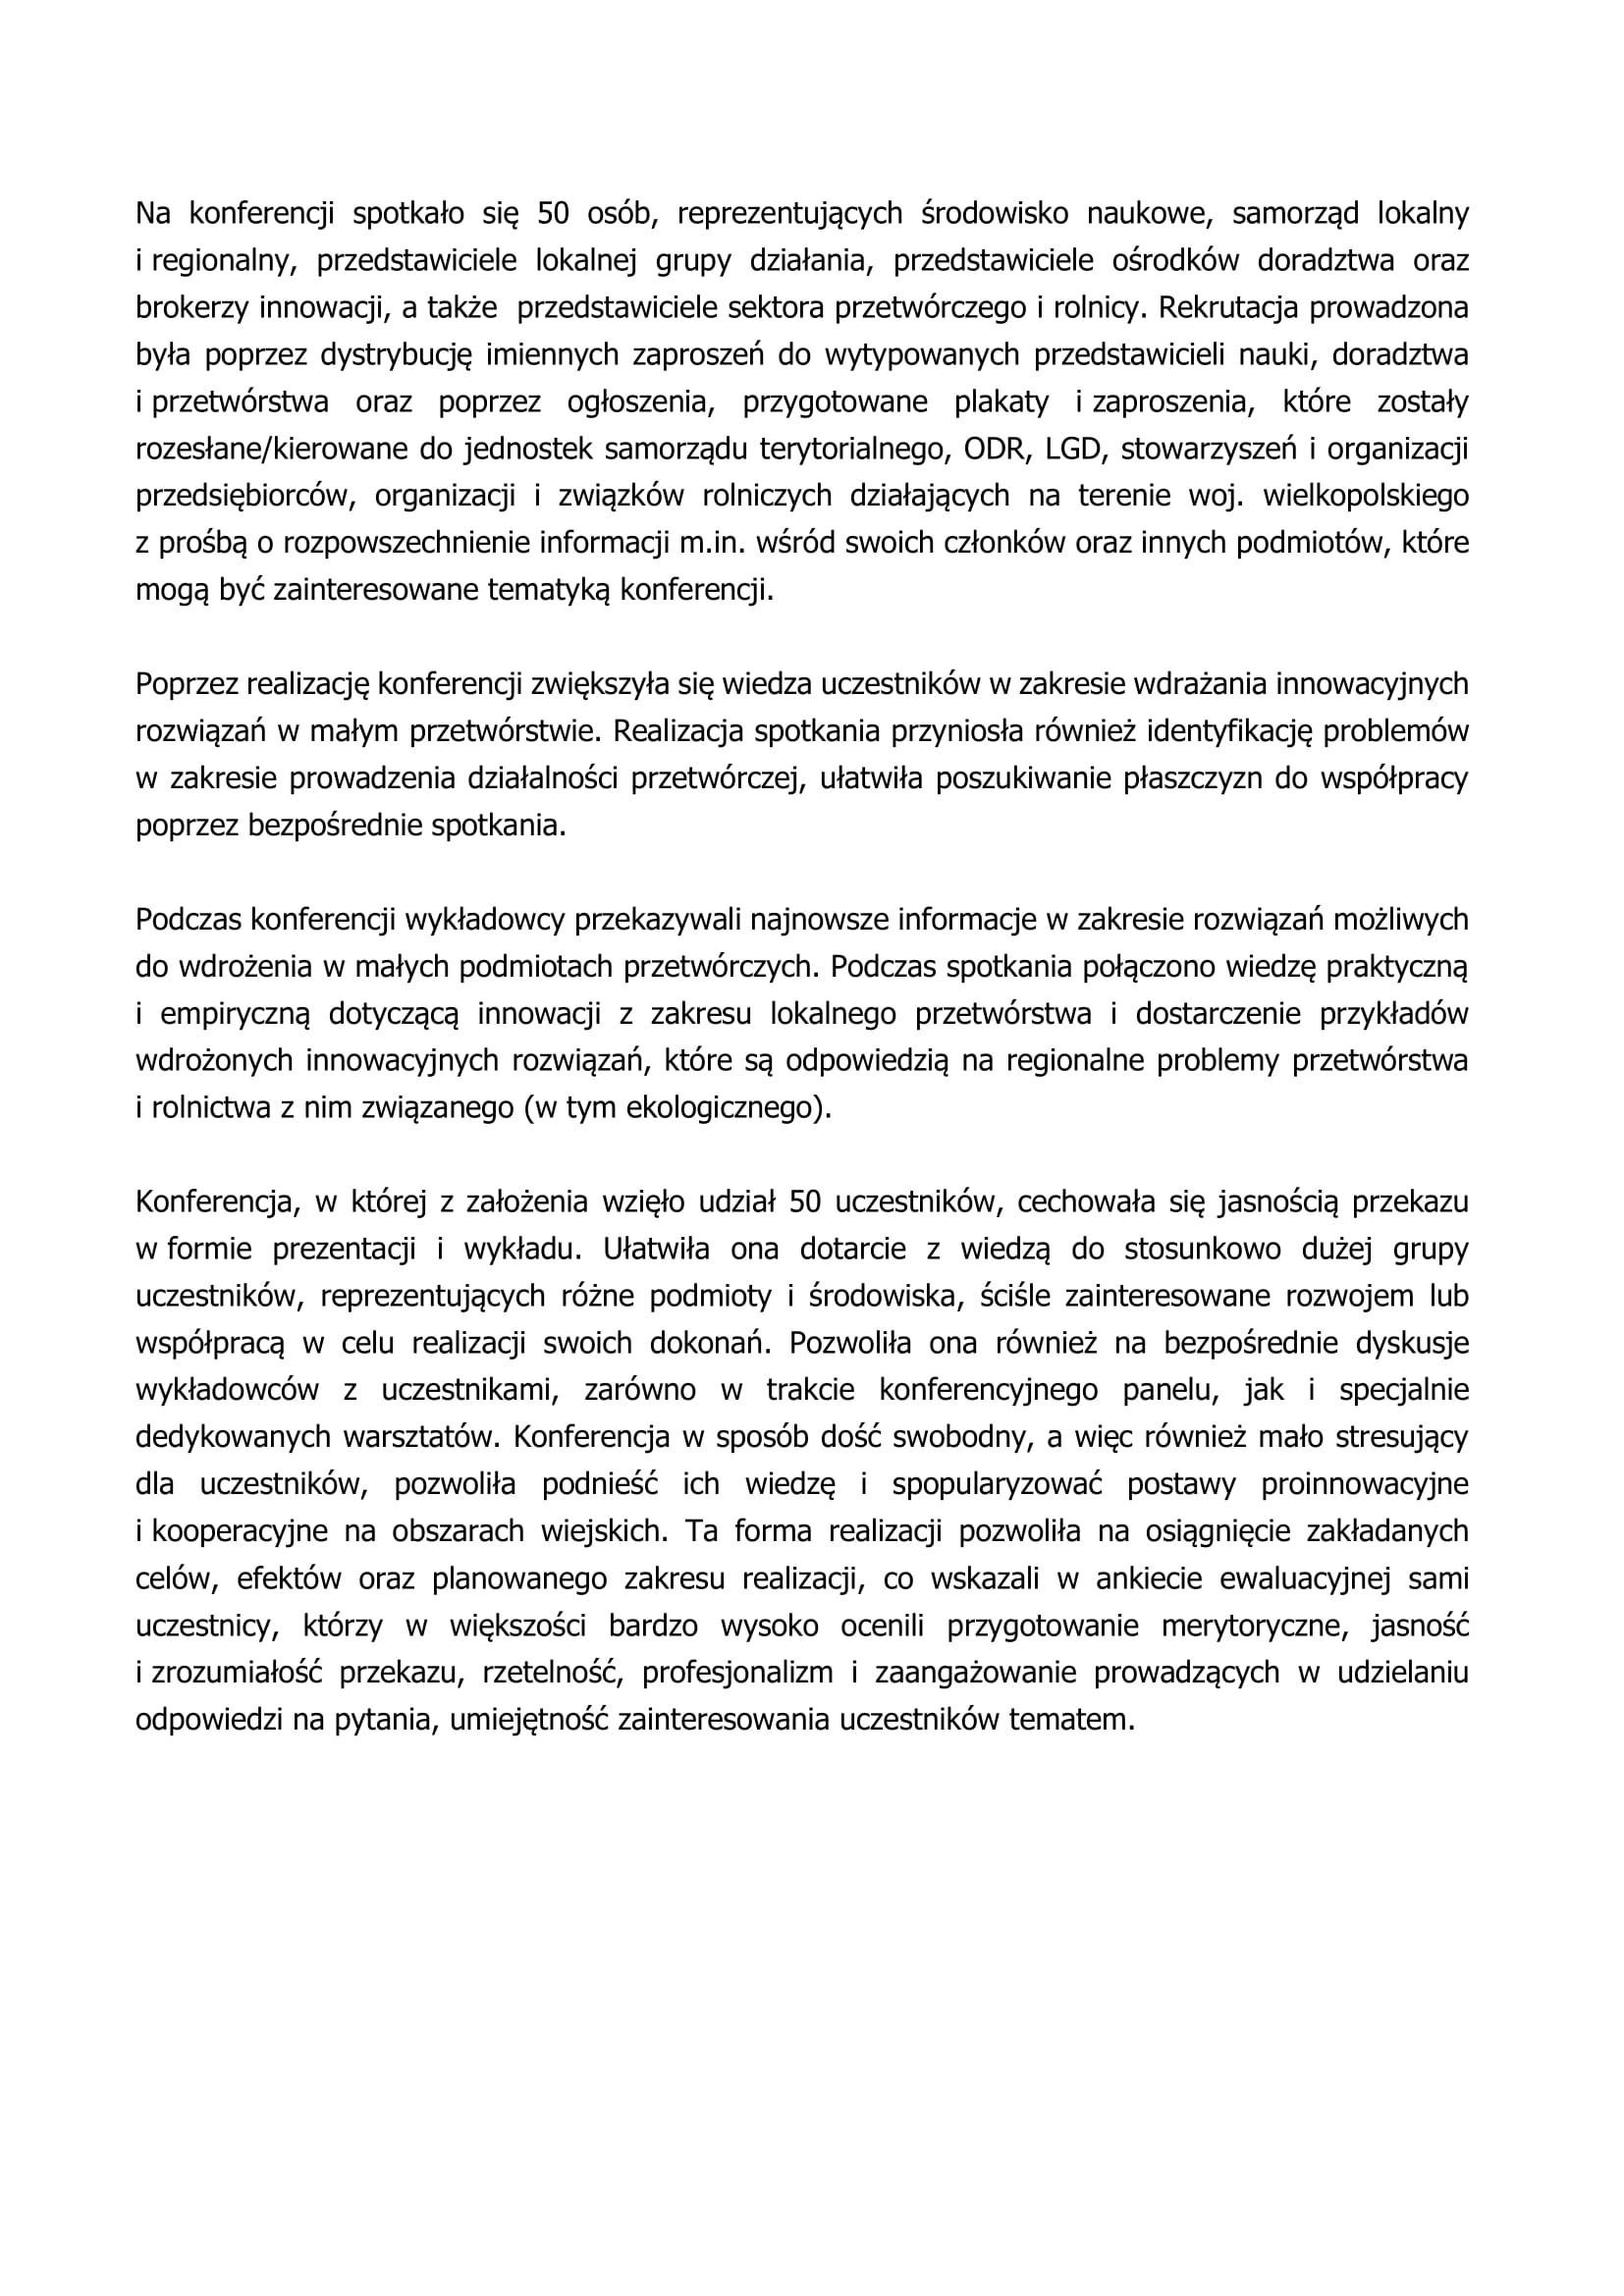 Sprawozdanie z konferencji-2